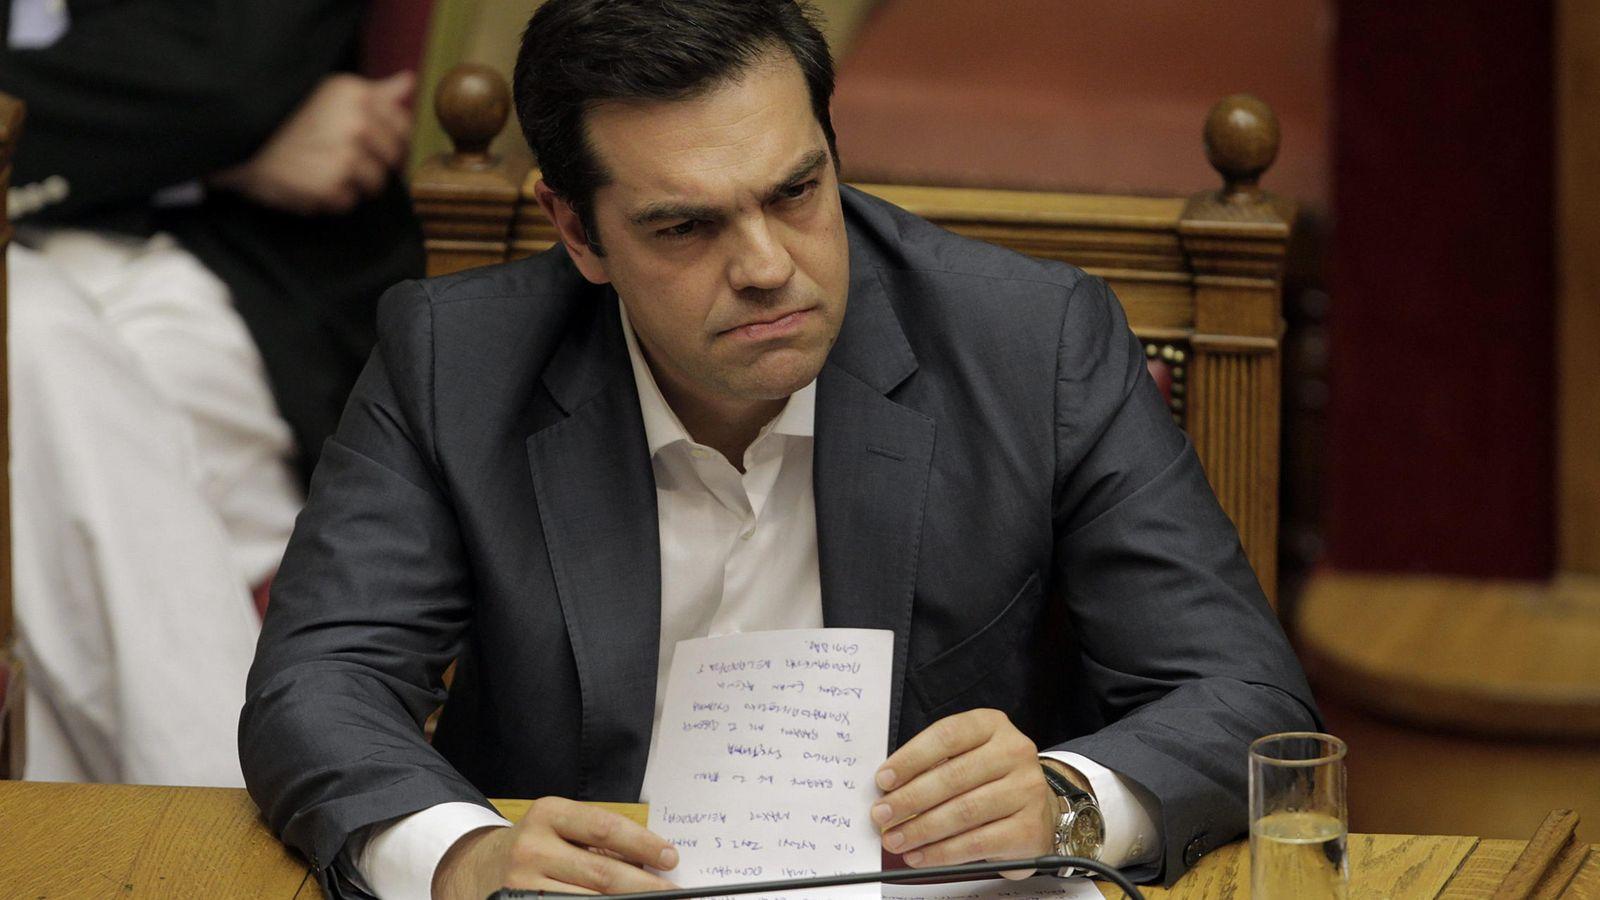 Foto: El Primer Ministro de Grecia Alexis Tsipras. (Efe)